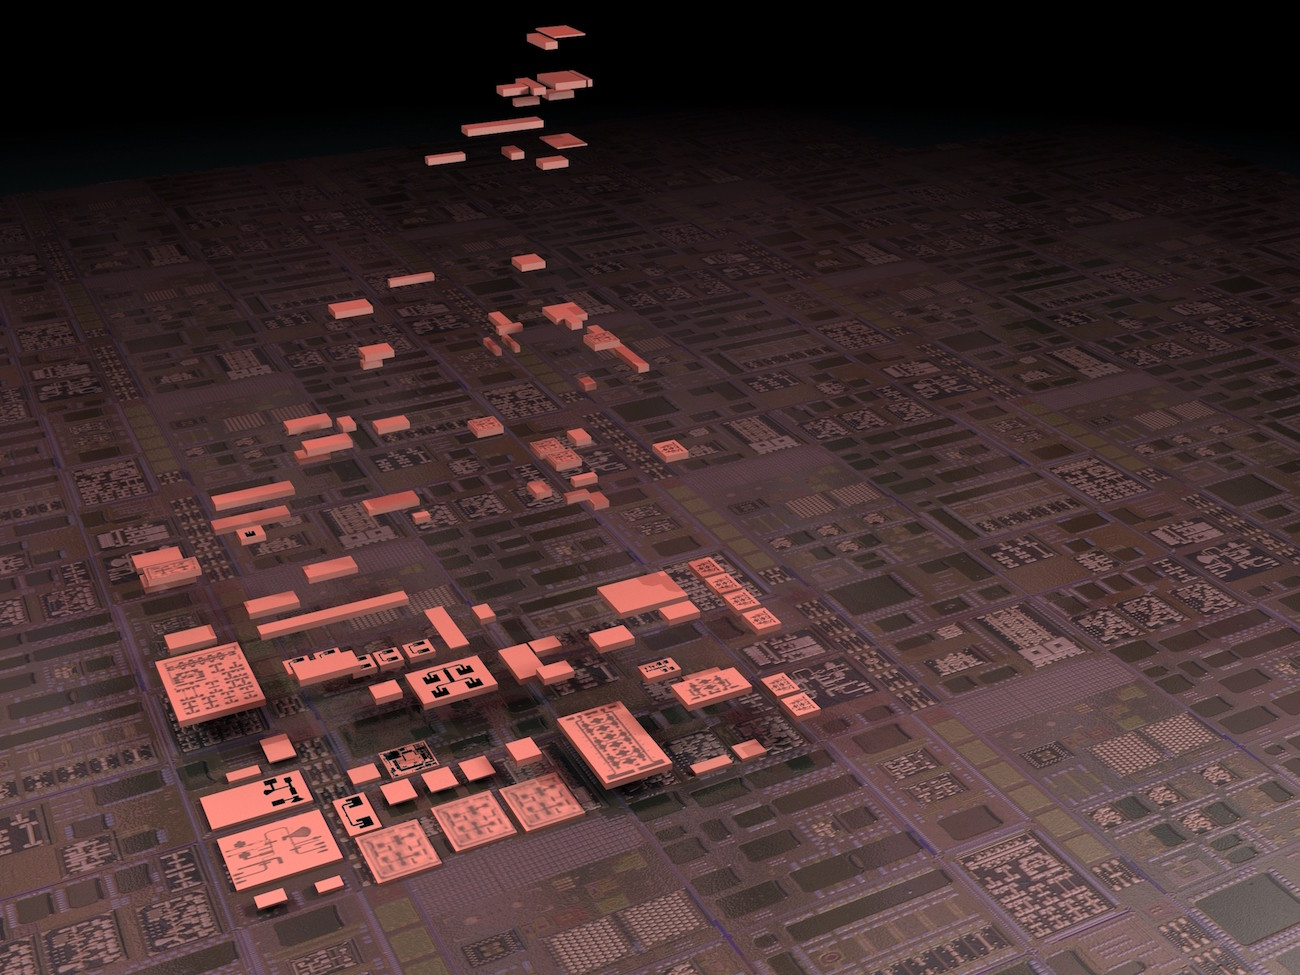 Chips de diseño modular es la apuesta de DARPA por máquinas más potentes y actualizables